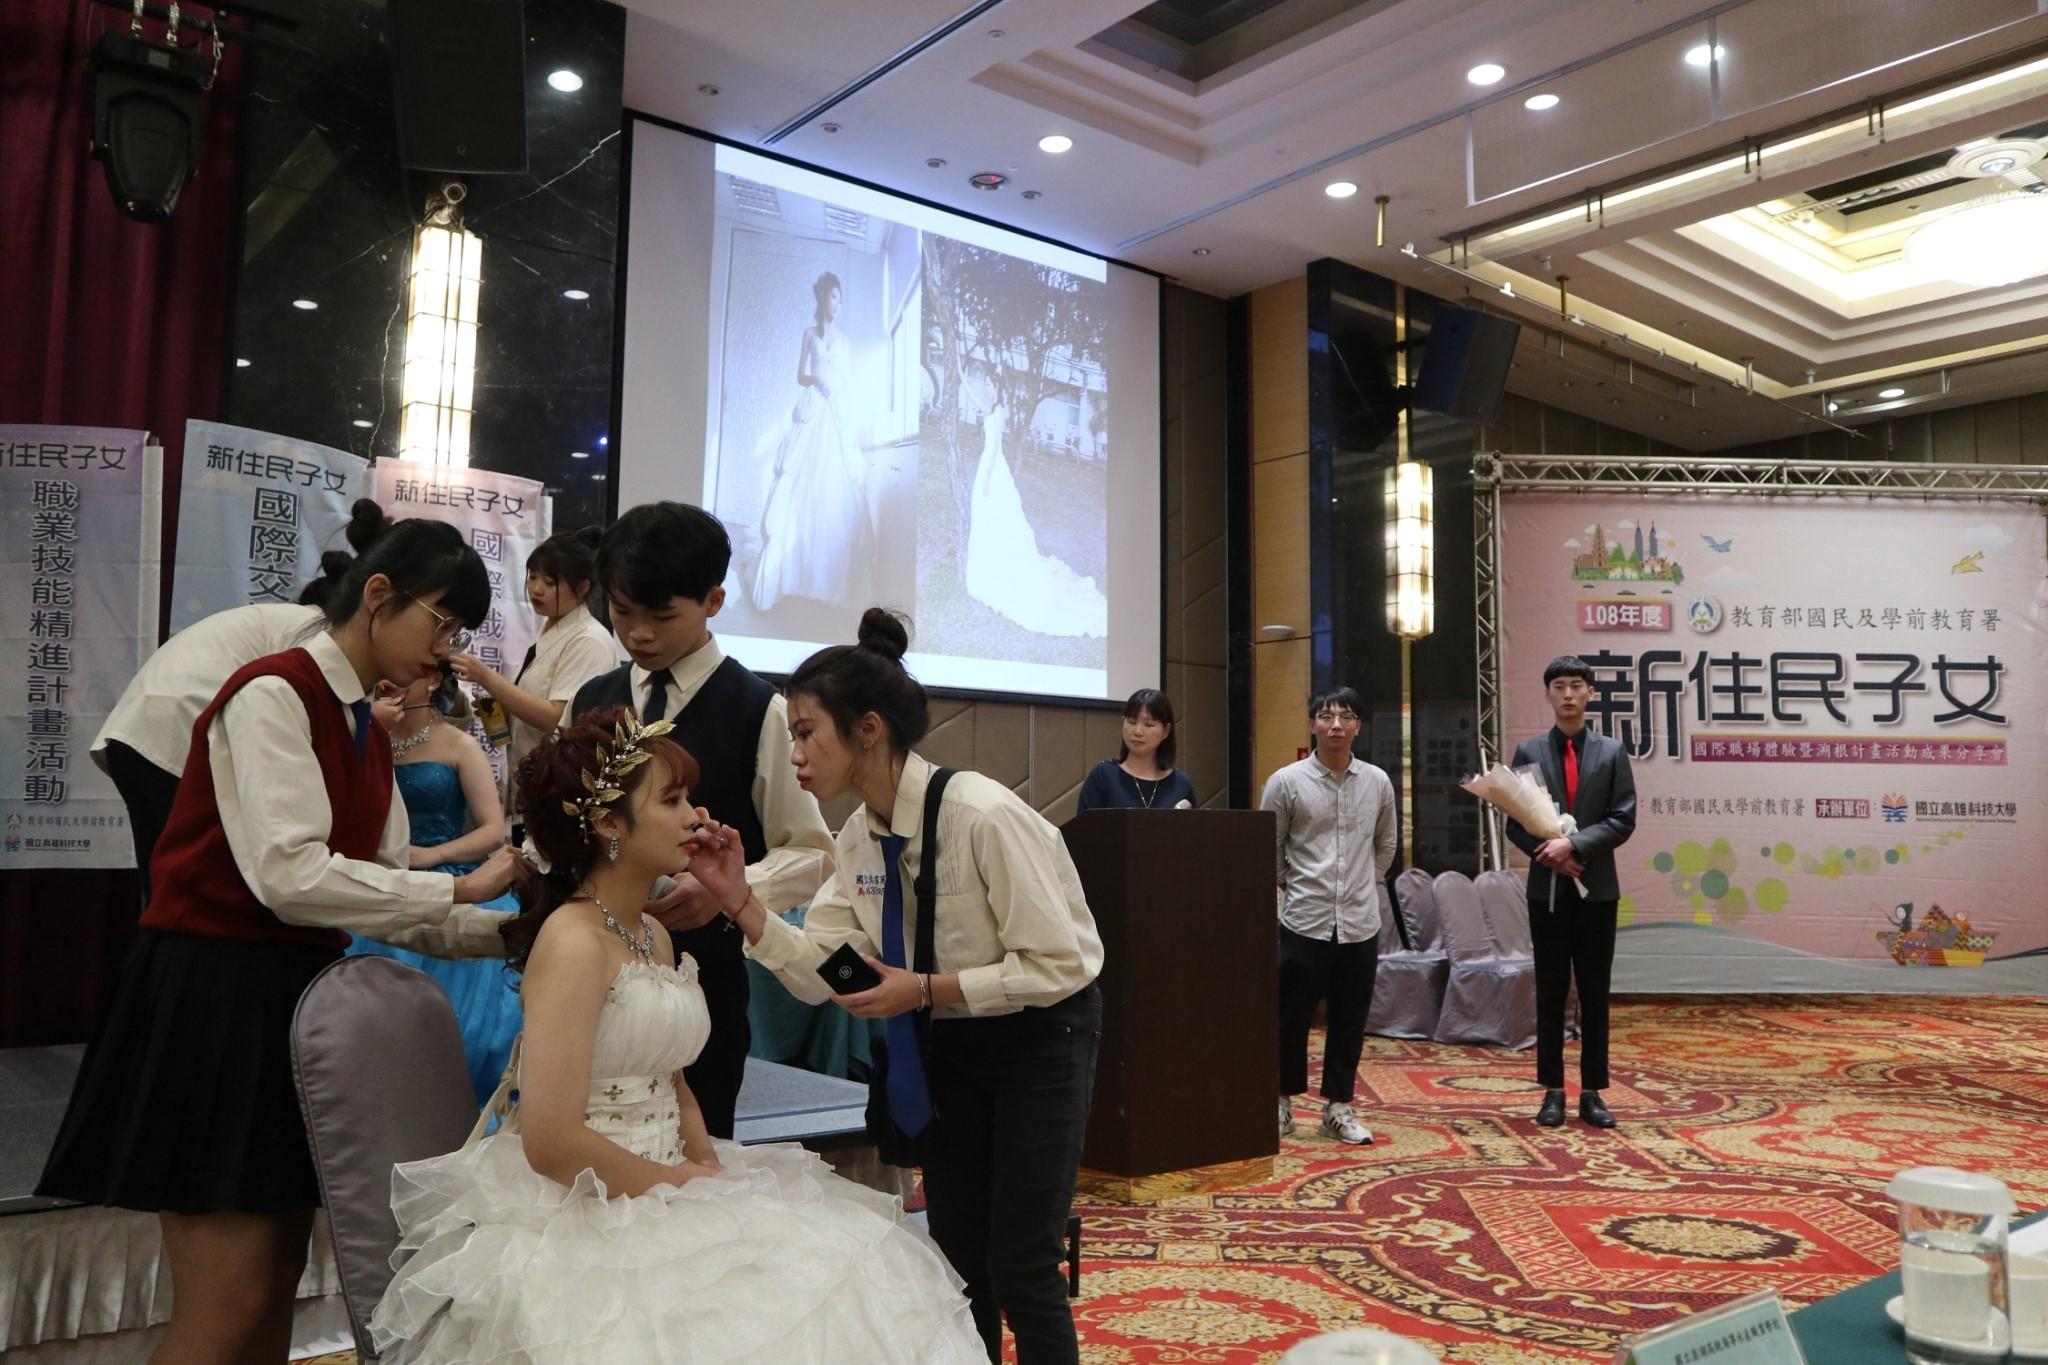 108年12月23日108年度成果分享會-北斗家商學生進行婚宴造型_大圖